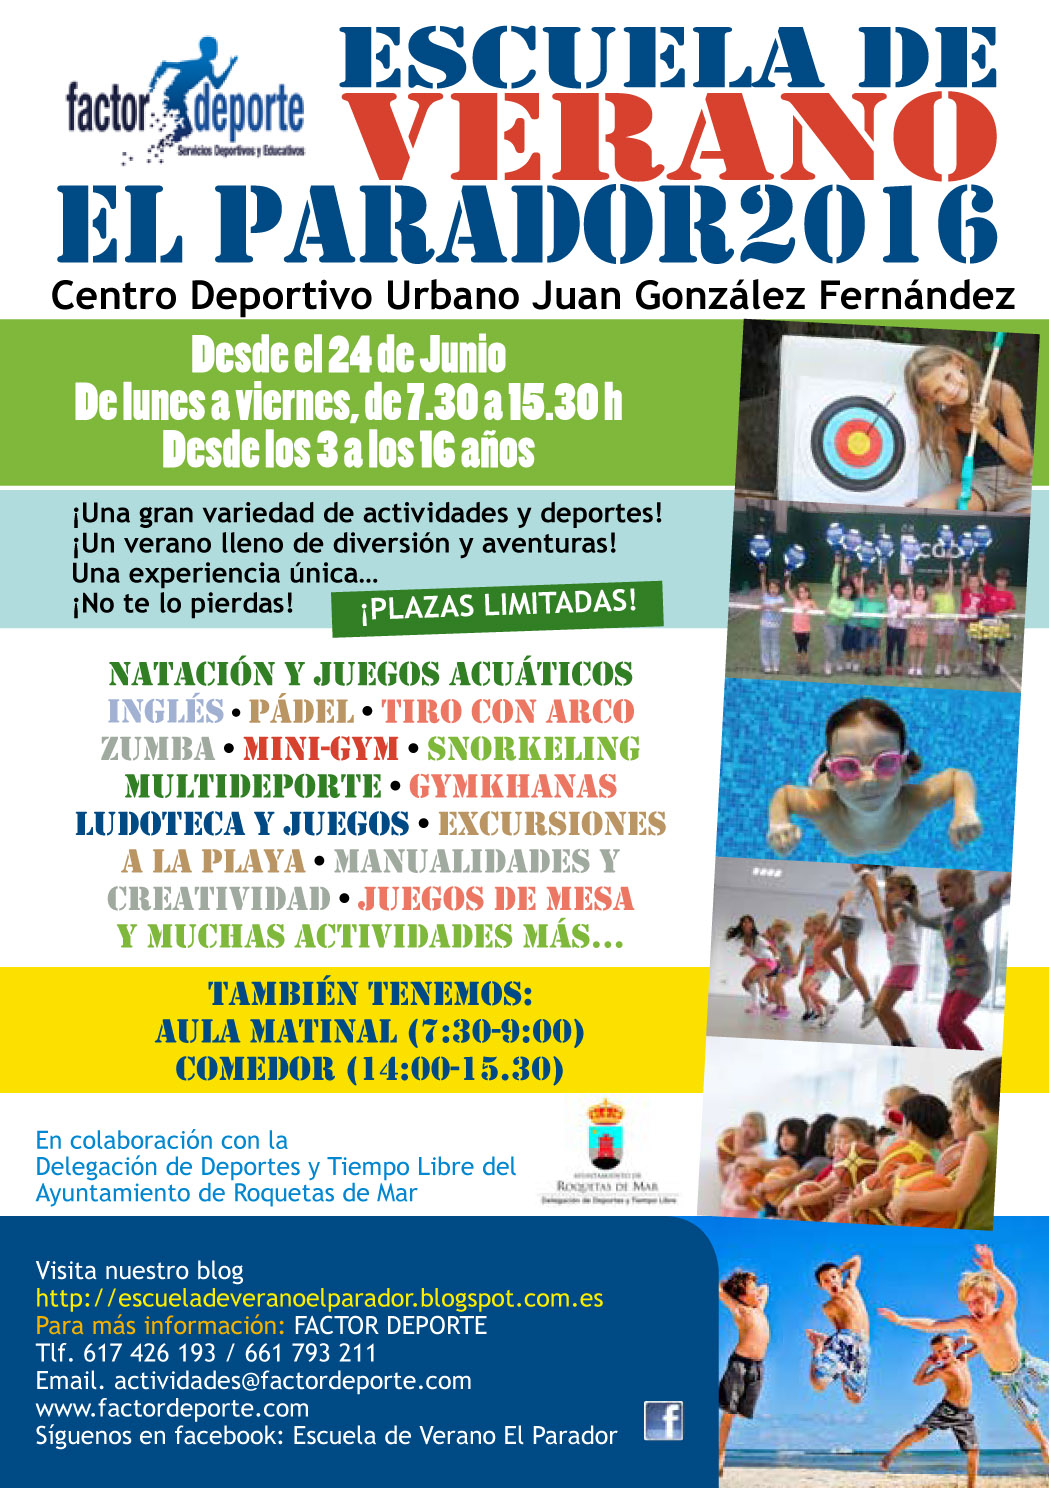 Escuela de verano el parador 2016 for Oficina 3058 cajamar